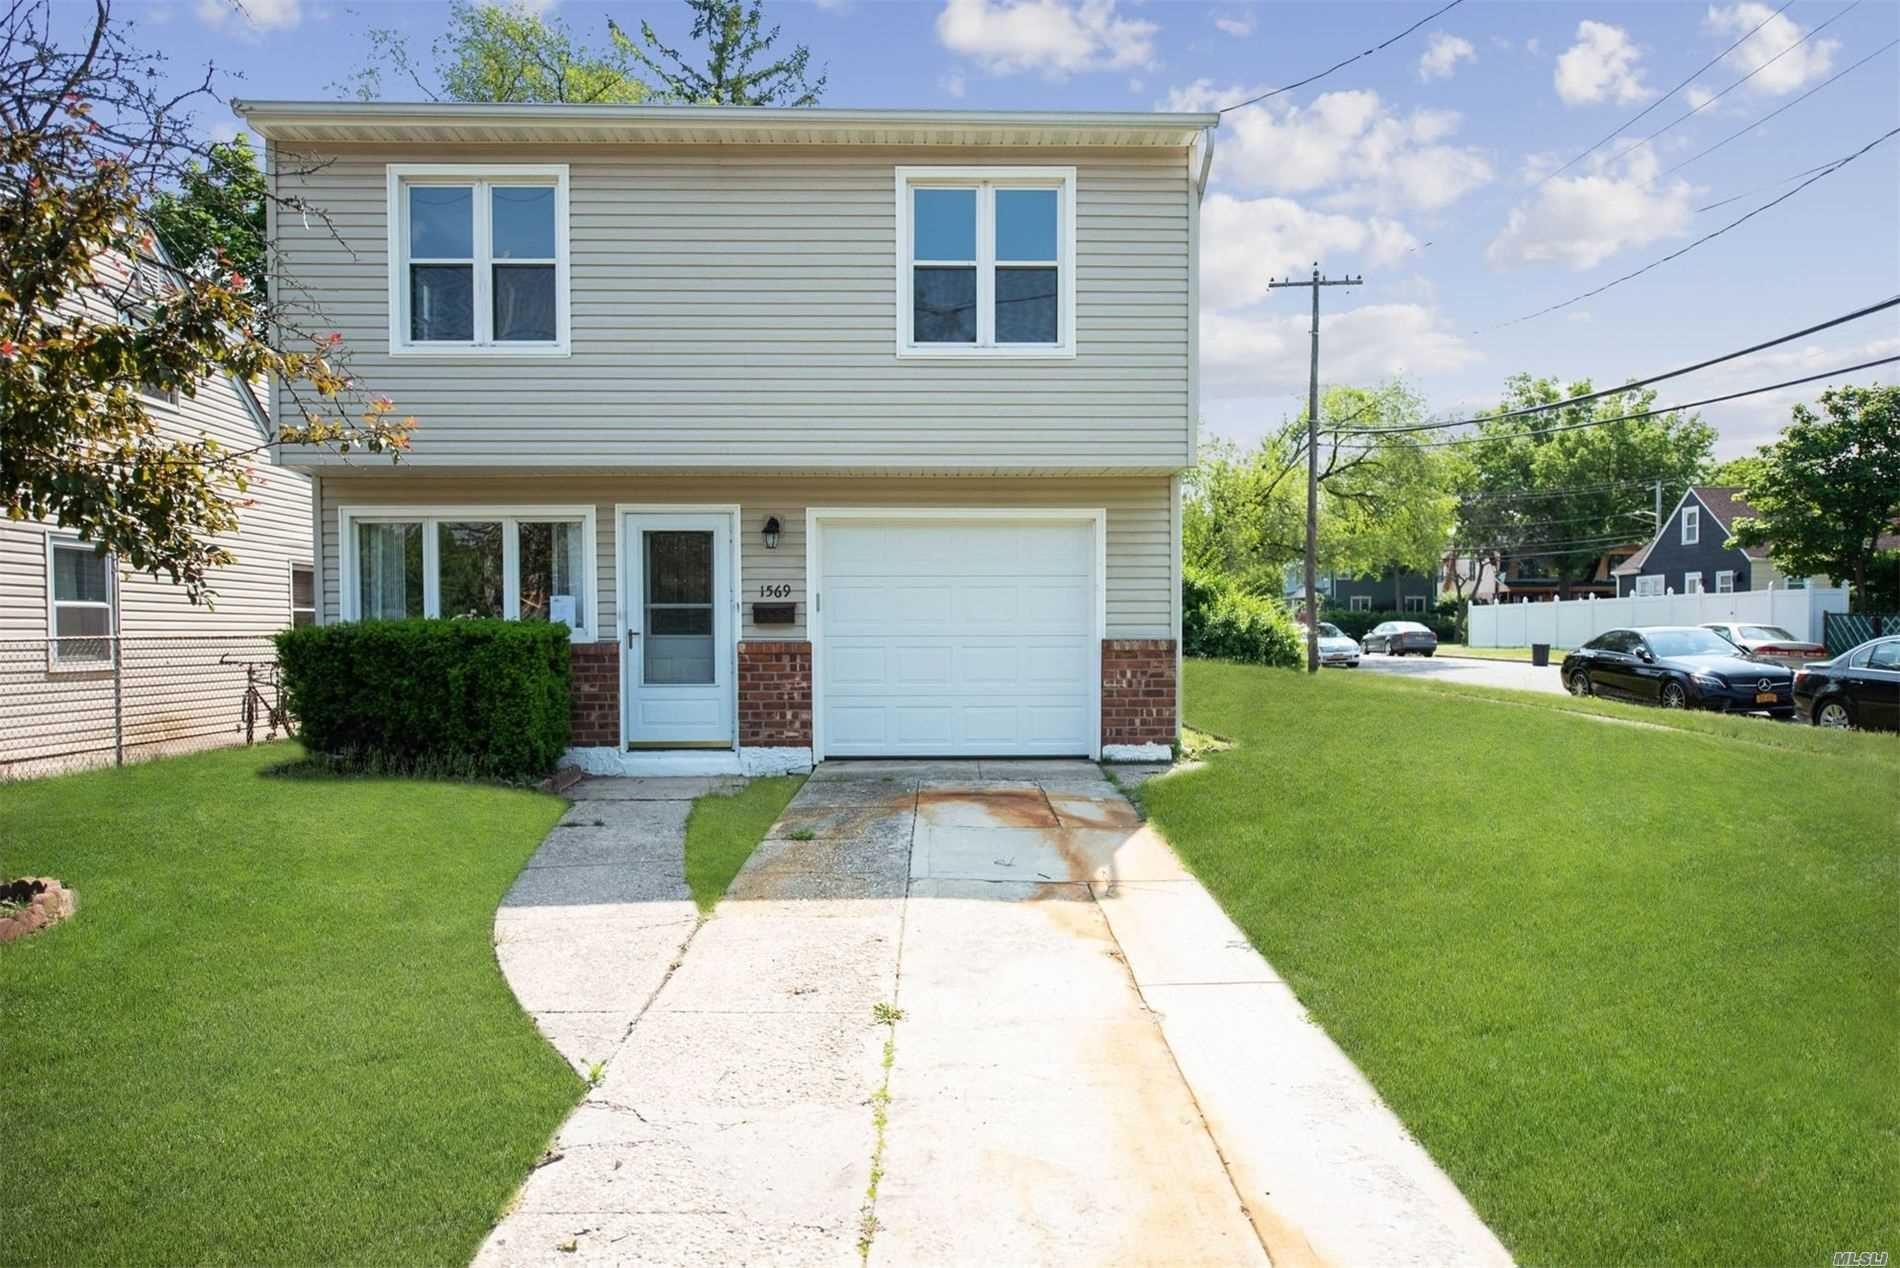 1569 Meadowbrook Road, Merrick, NY 11566 - MLS#: 3185455